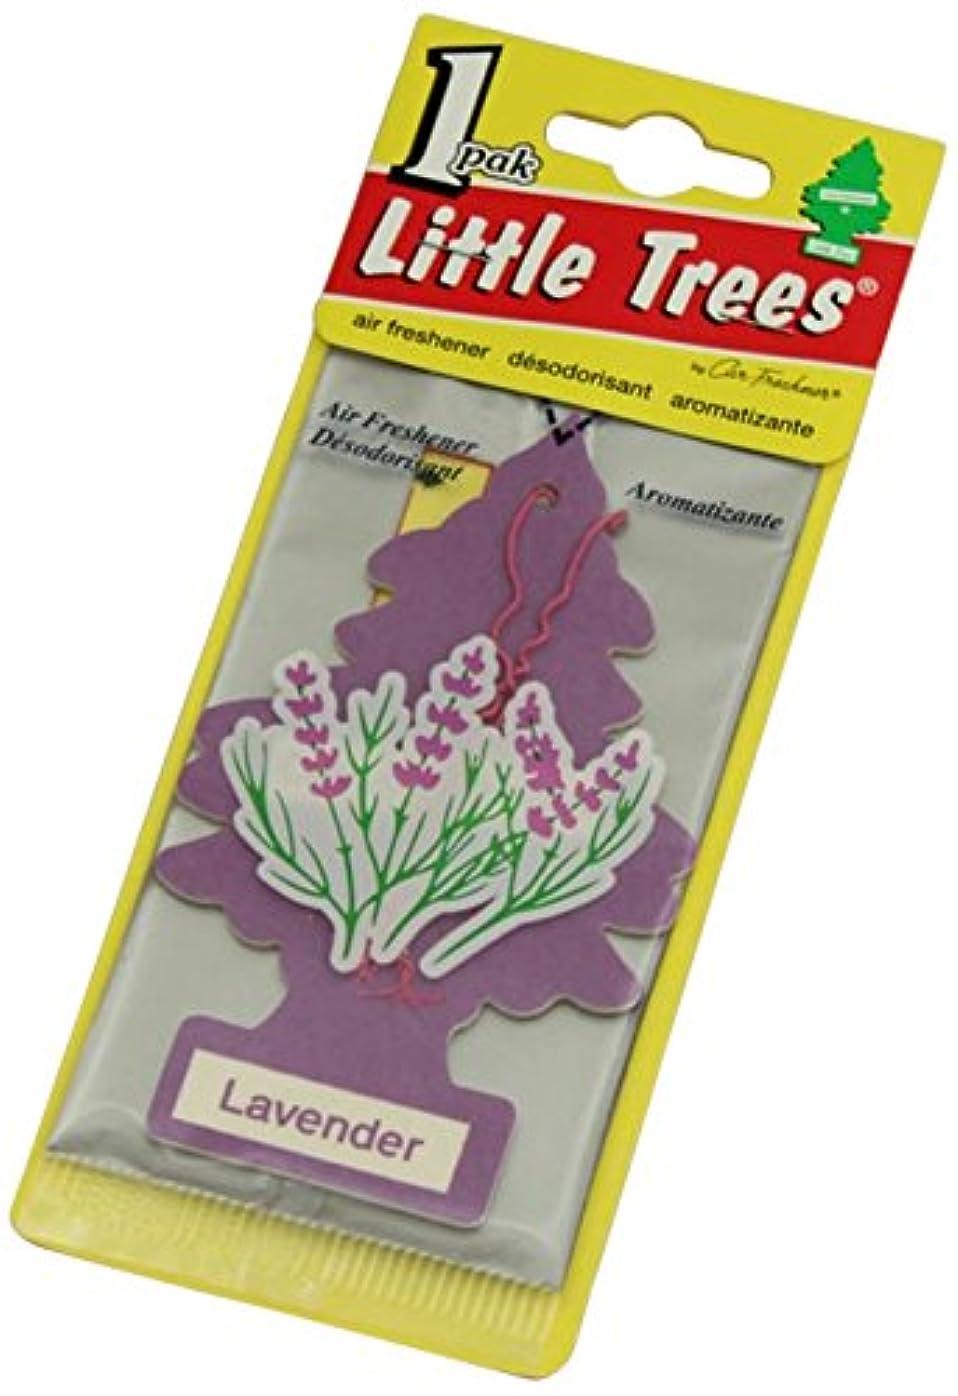 魔女無駄などう?Little Trees 吊下げタイプ エアーフレッシュナー ラベンダー 4枚セット(4P)